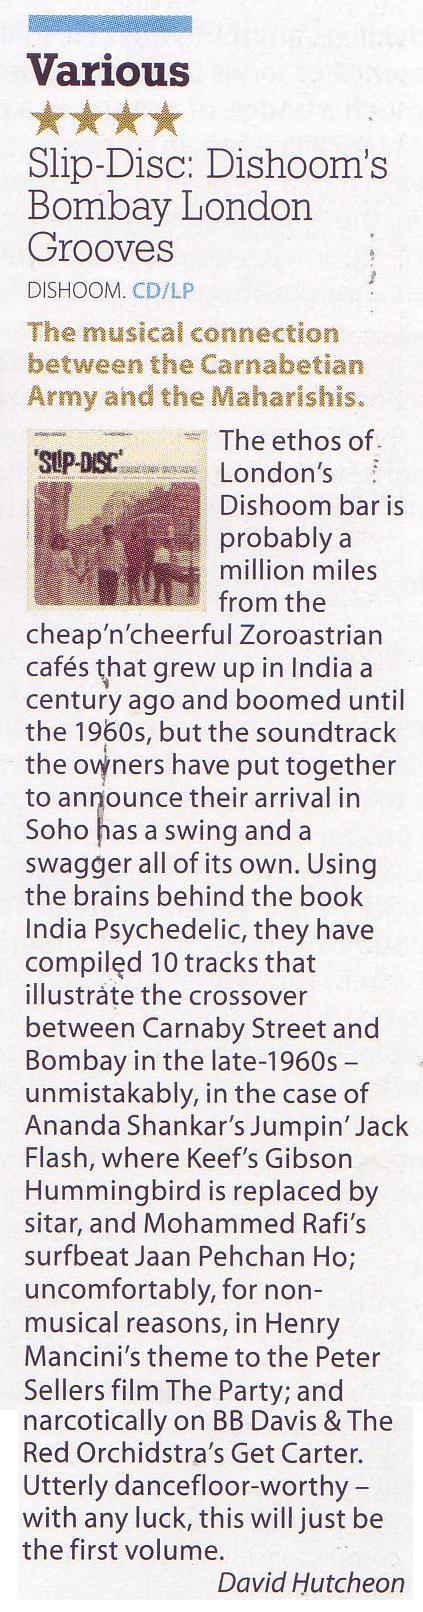 Slip Disc Dishooms Bombay Grooves Mojo January Issue 2016.JPG